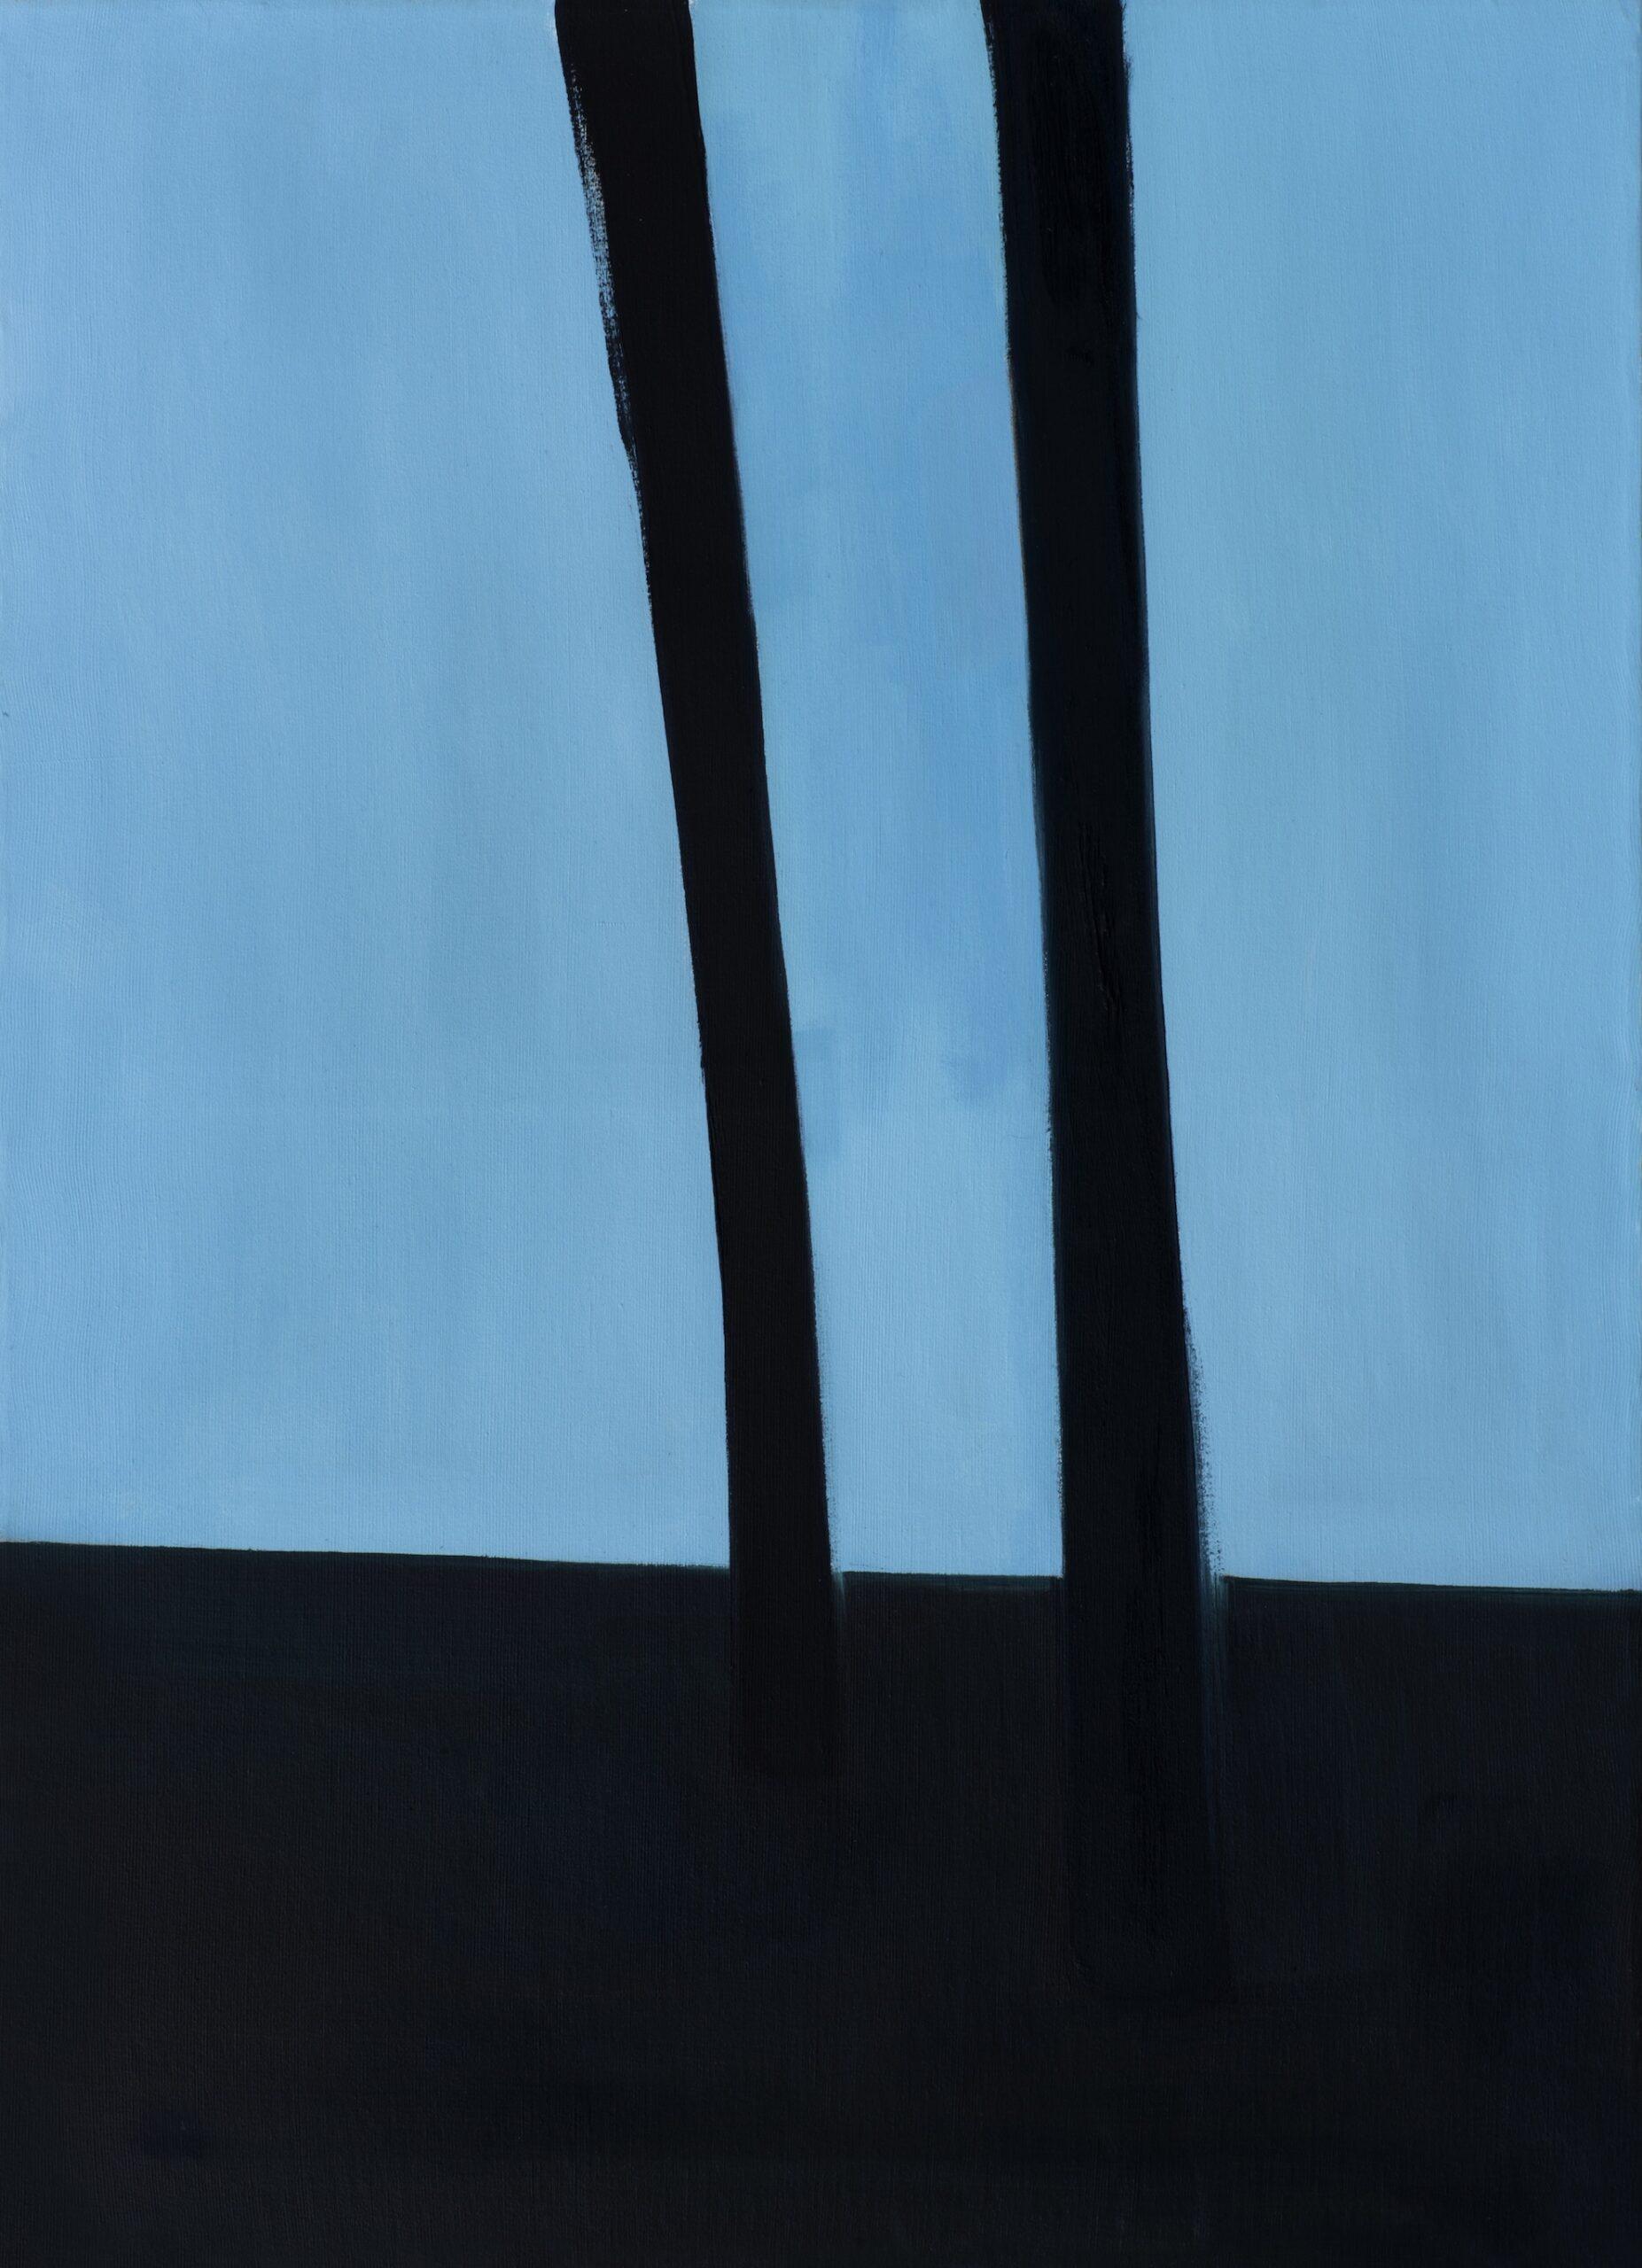 Vieta paukščių lizdams. 2015. Drobė, aliejus. 73,7x101,5